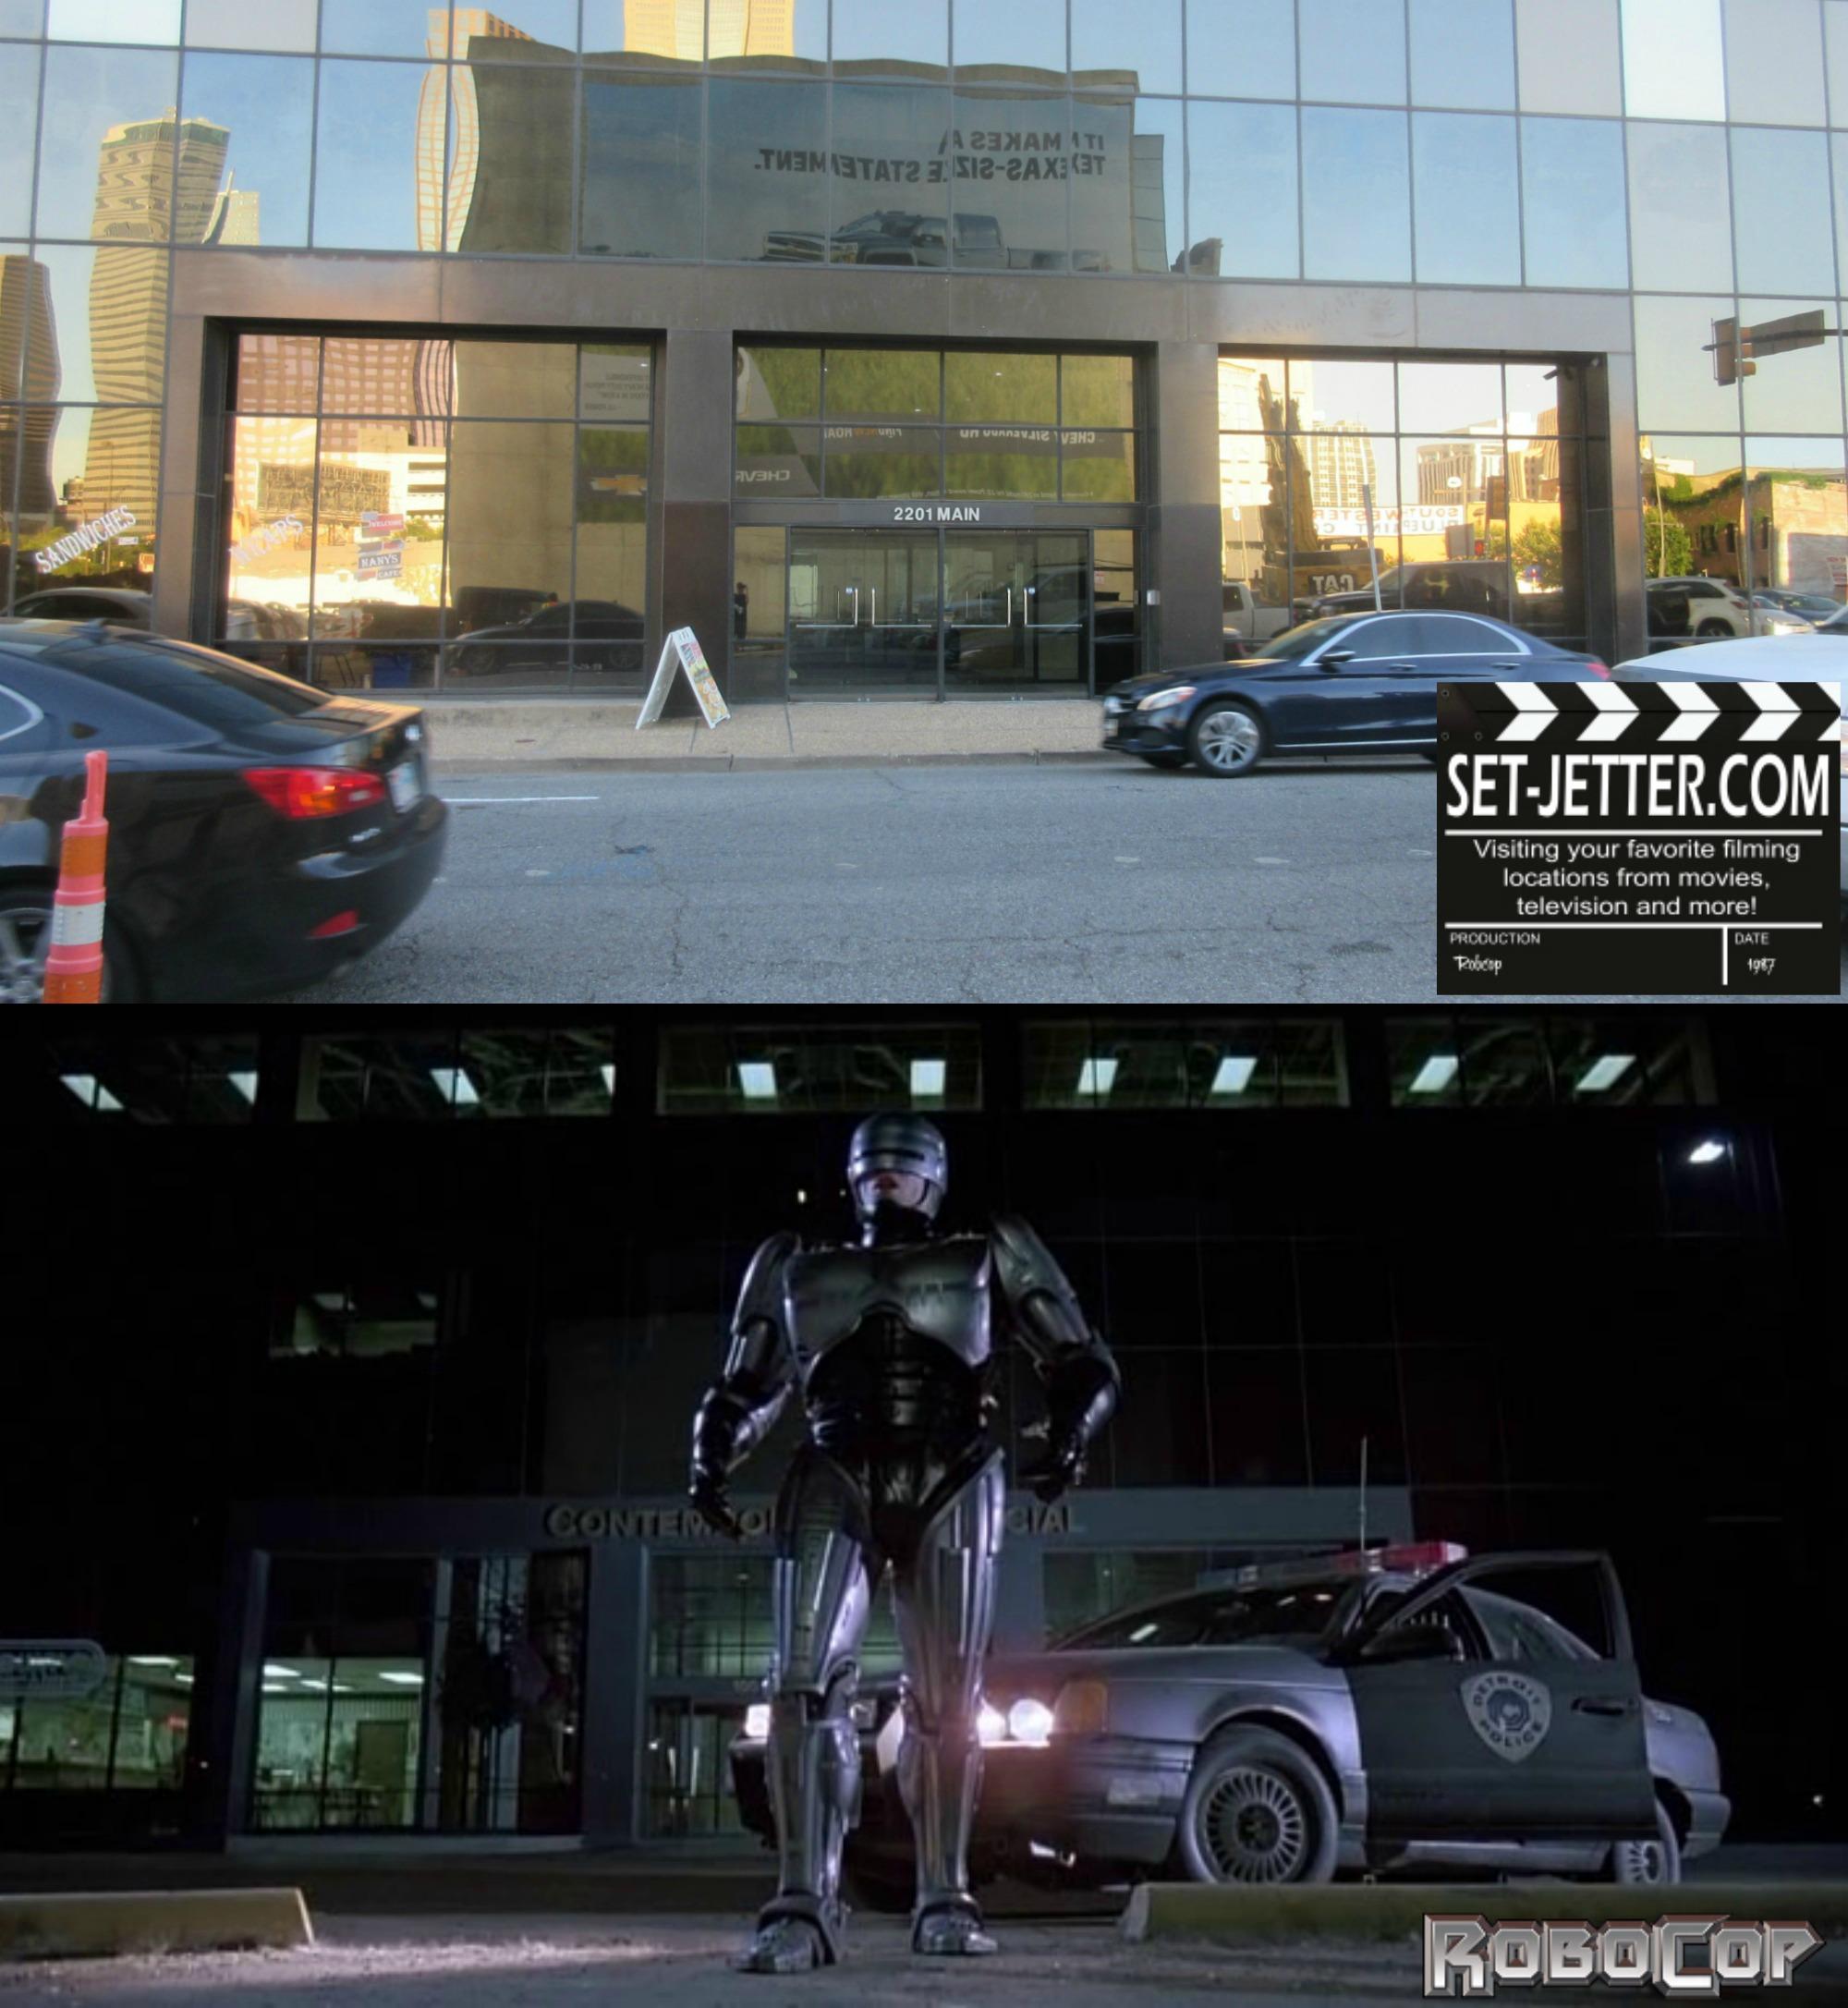 Robocop comparison 62.jpg